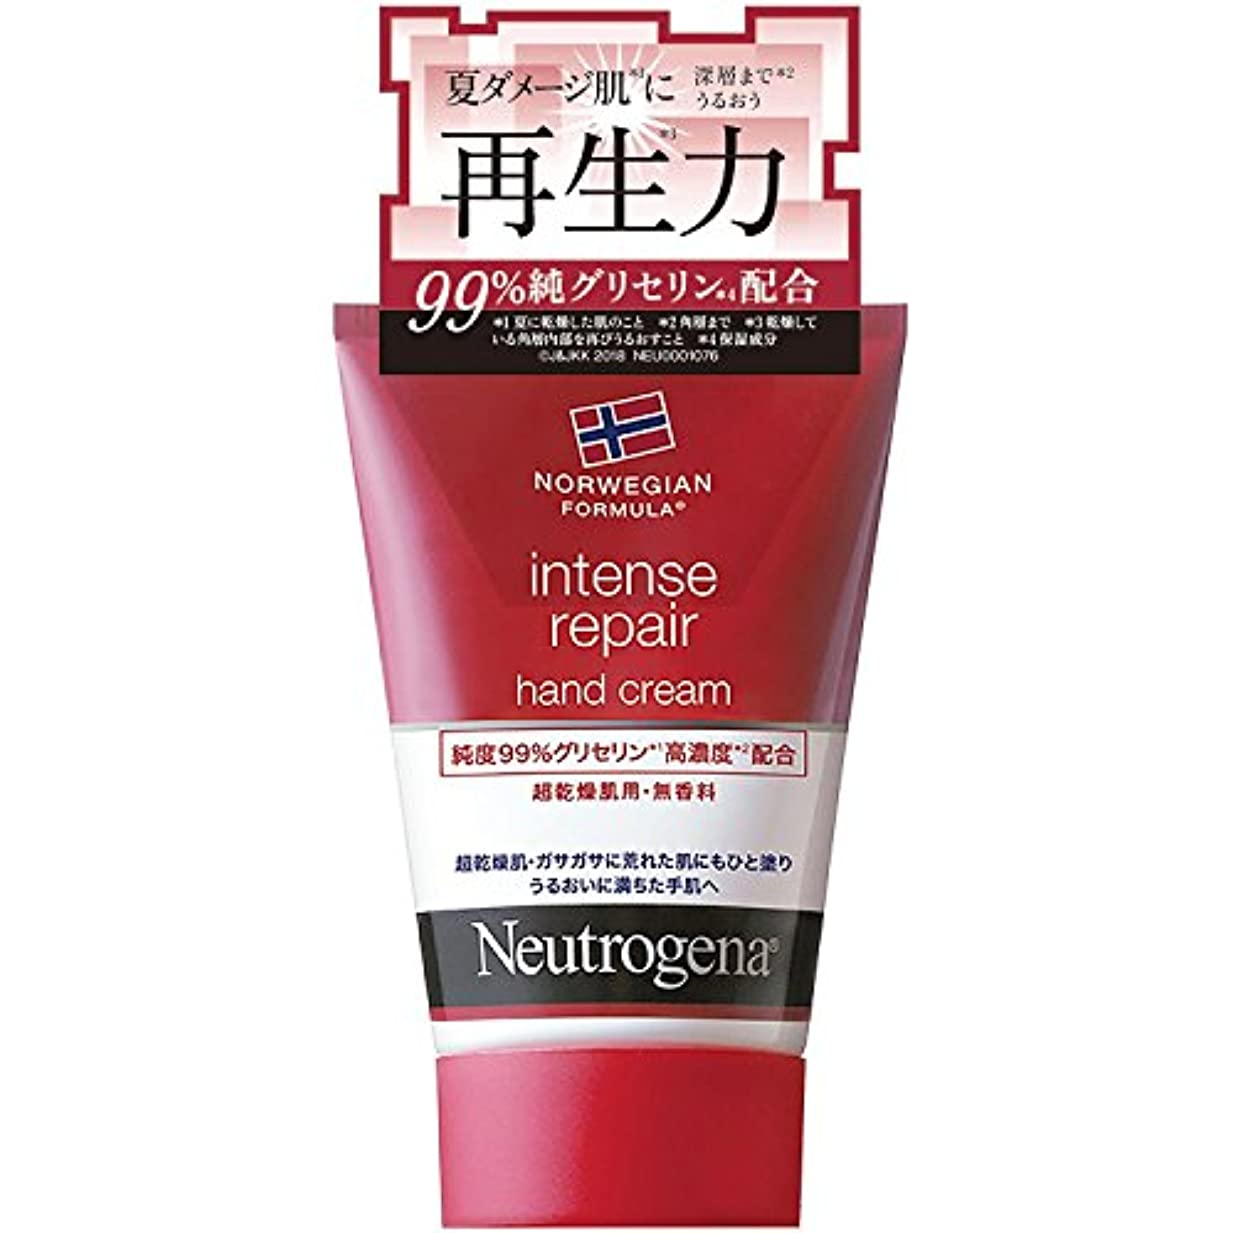 あさりコンテストクーポンNeutrogena(ニュートロジーナ) ノルウェーフォーミュラ インテンスリペア ハンドクリーム 超乾燥肌用 無香料 単品 50g